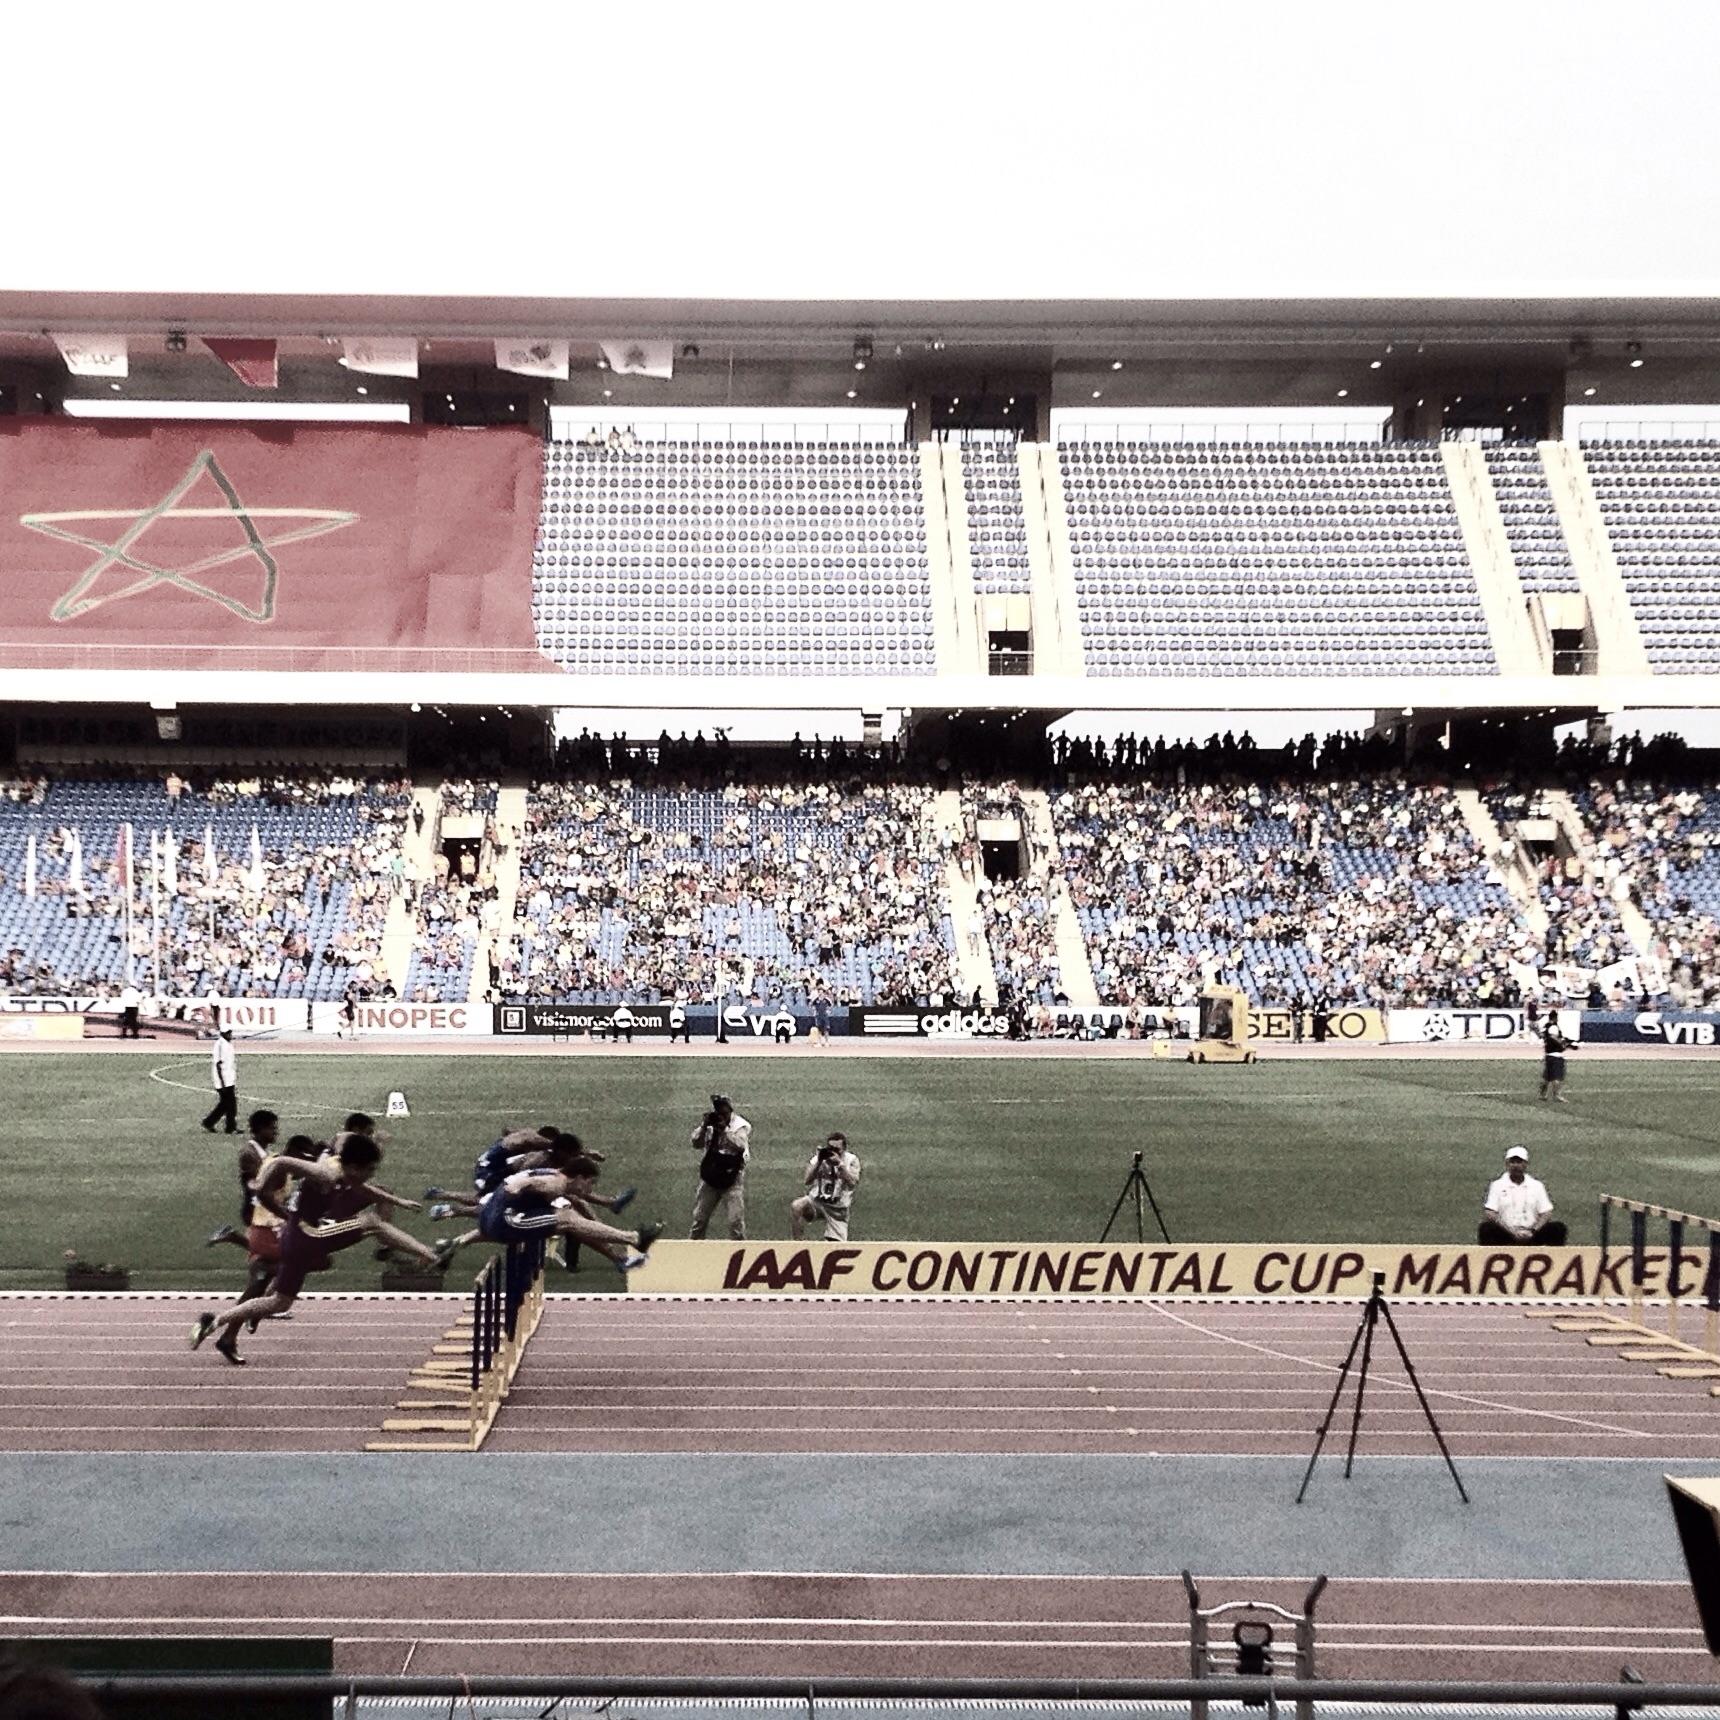 IAAF Continental Cup 2014 Marrakech